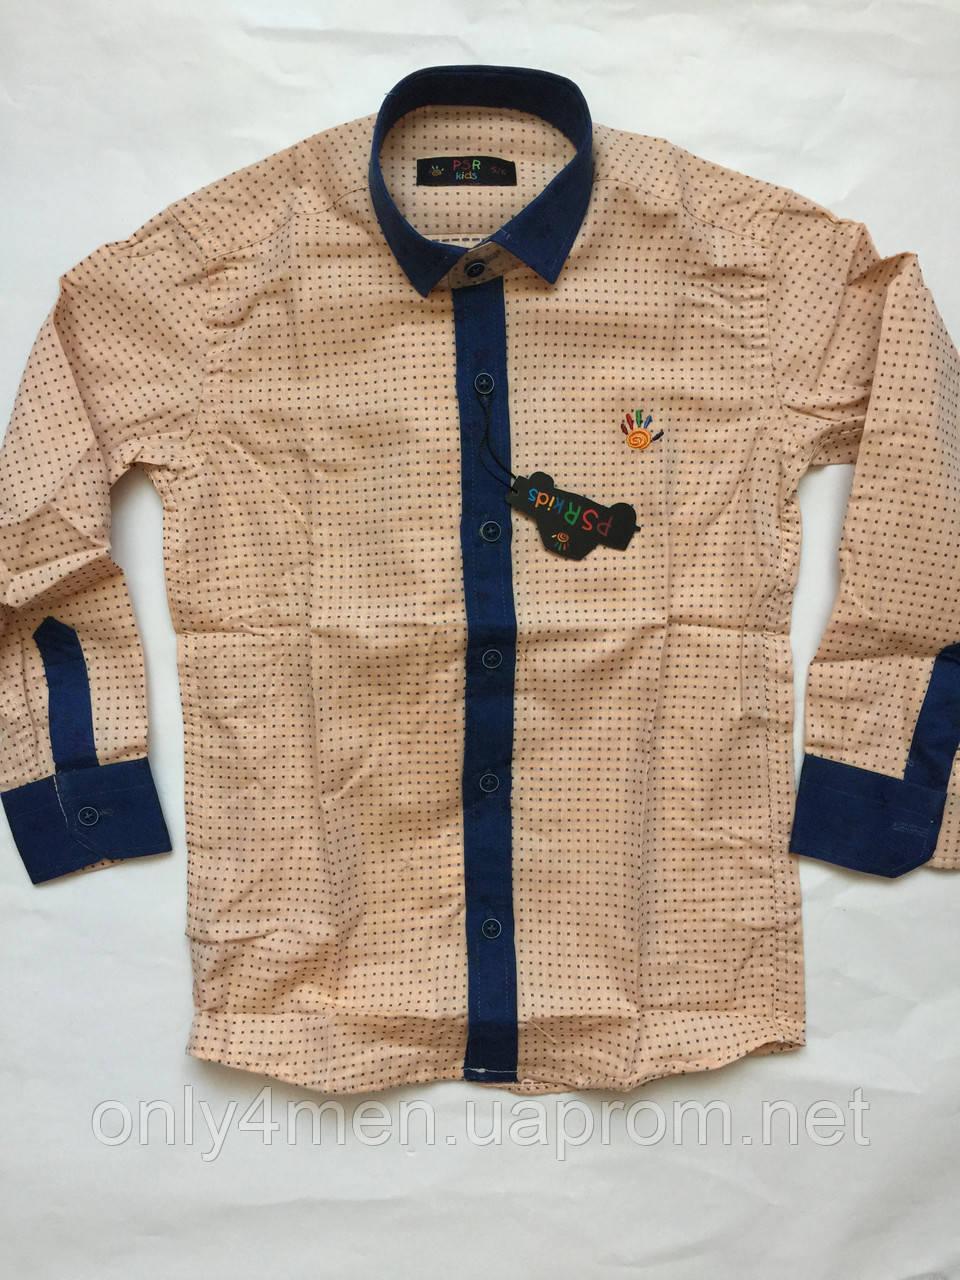 Рубашка персик с джинсовой отделкой, для мальчиков 5-16